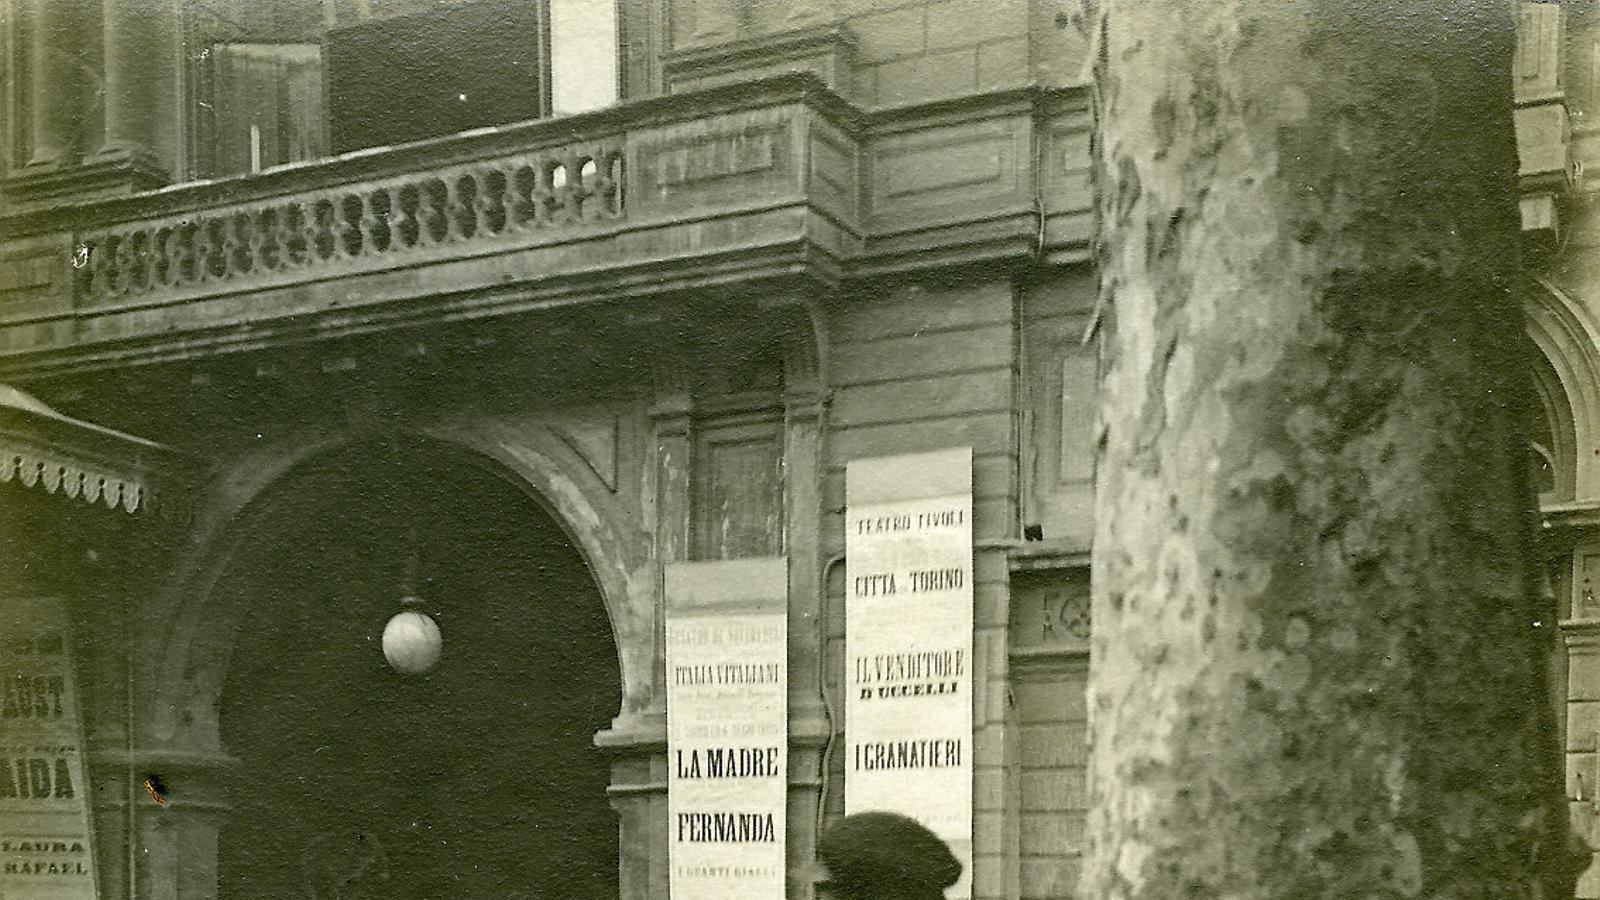 Un enllustrador de sabates a la Rambla, el 1907, en una imatge de Frederic Ballell Maymí que pertany  al fons de l'Arxiu Fotogràfic de Barcelona.